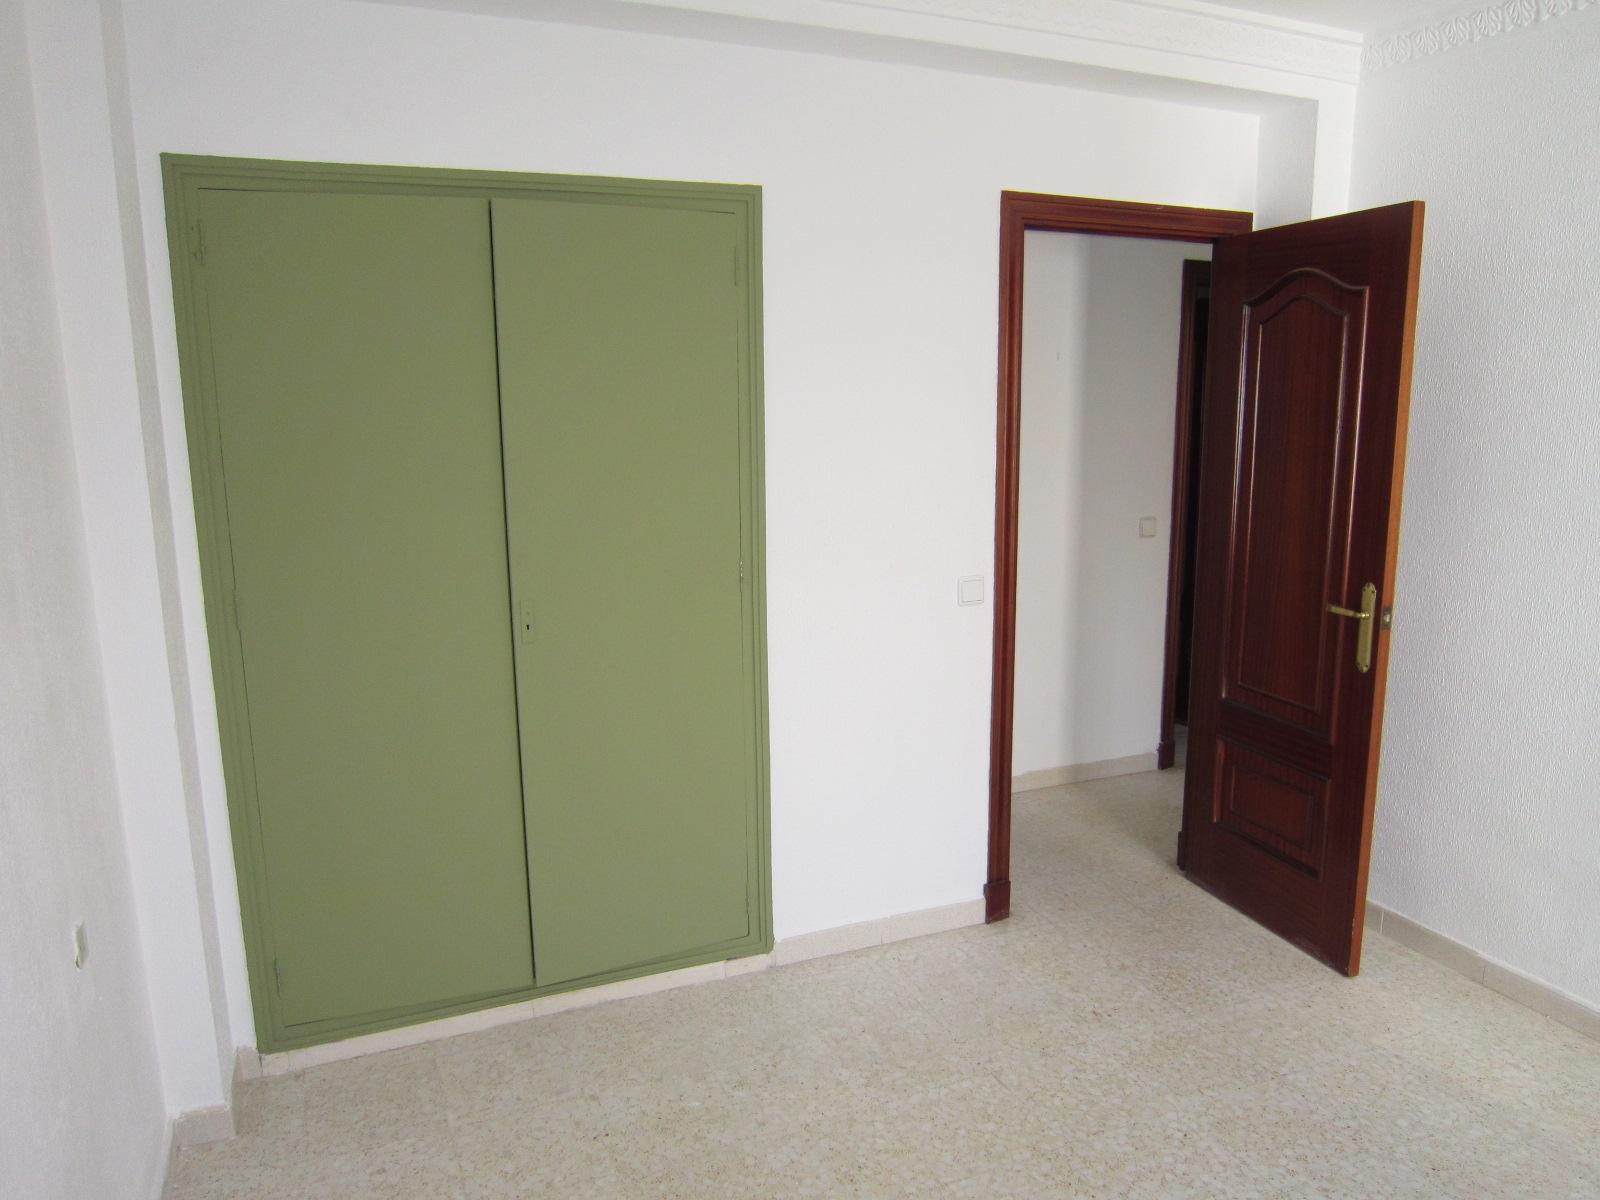 Piso en venta en Chiclana de la Frontera, Cádiz, Avenida de la Música, 62.000 €, 3 habitaciones, 1 baño, 84 m2